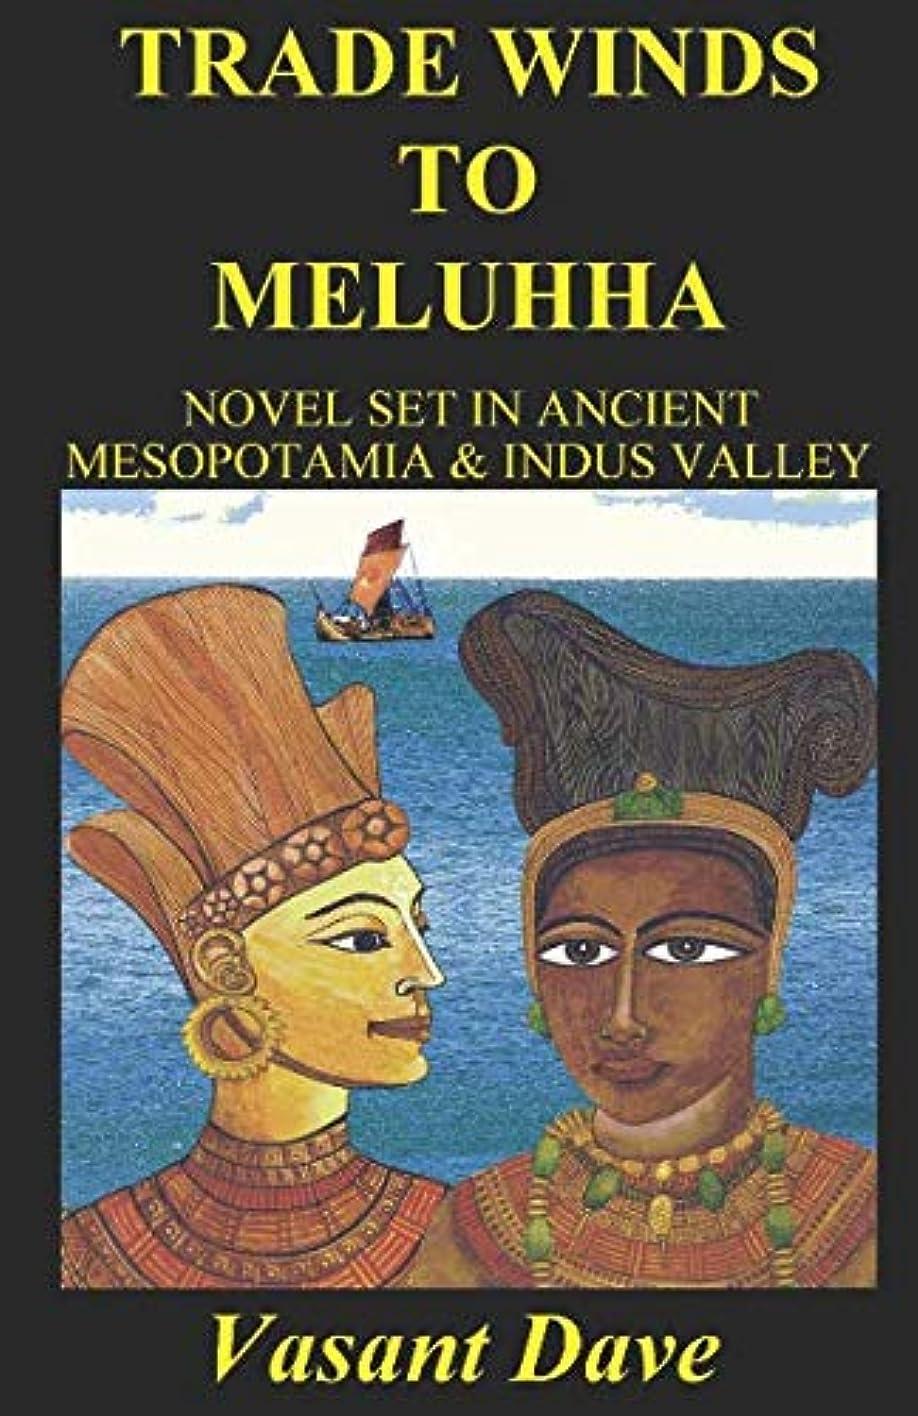 見ましたコントロールフレッシュTrade winds to Meluhha: Novel set in Ancient Mesopotamia & Indus Valley